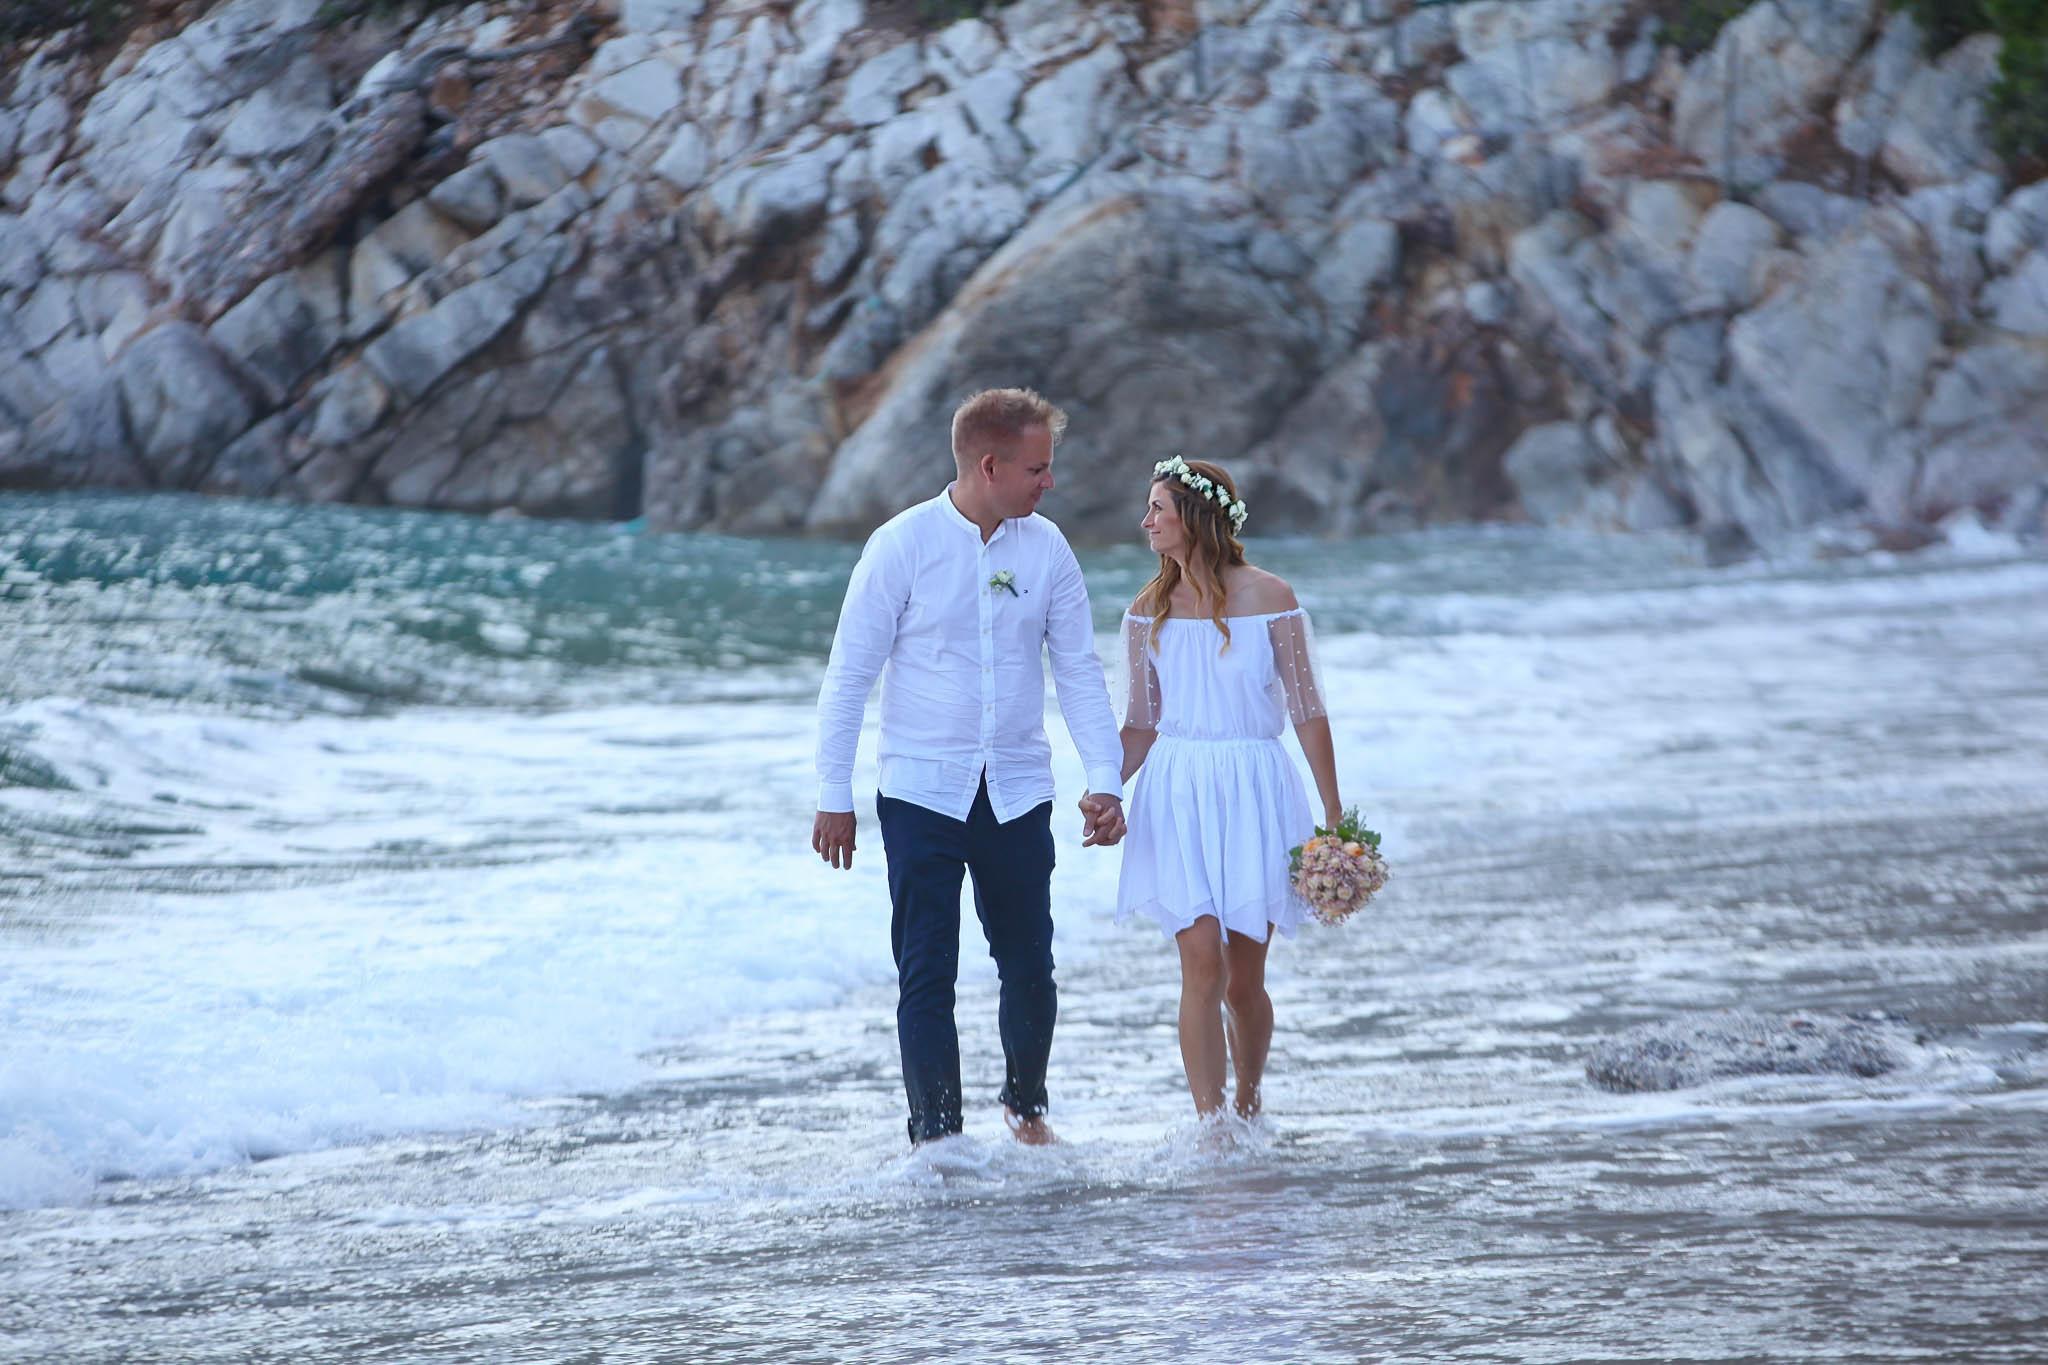 Přemýšlíte o svatbě v Řecku? Řekněte si své ano právě tady!